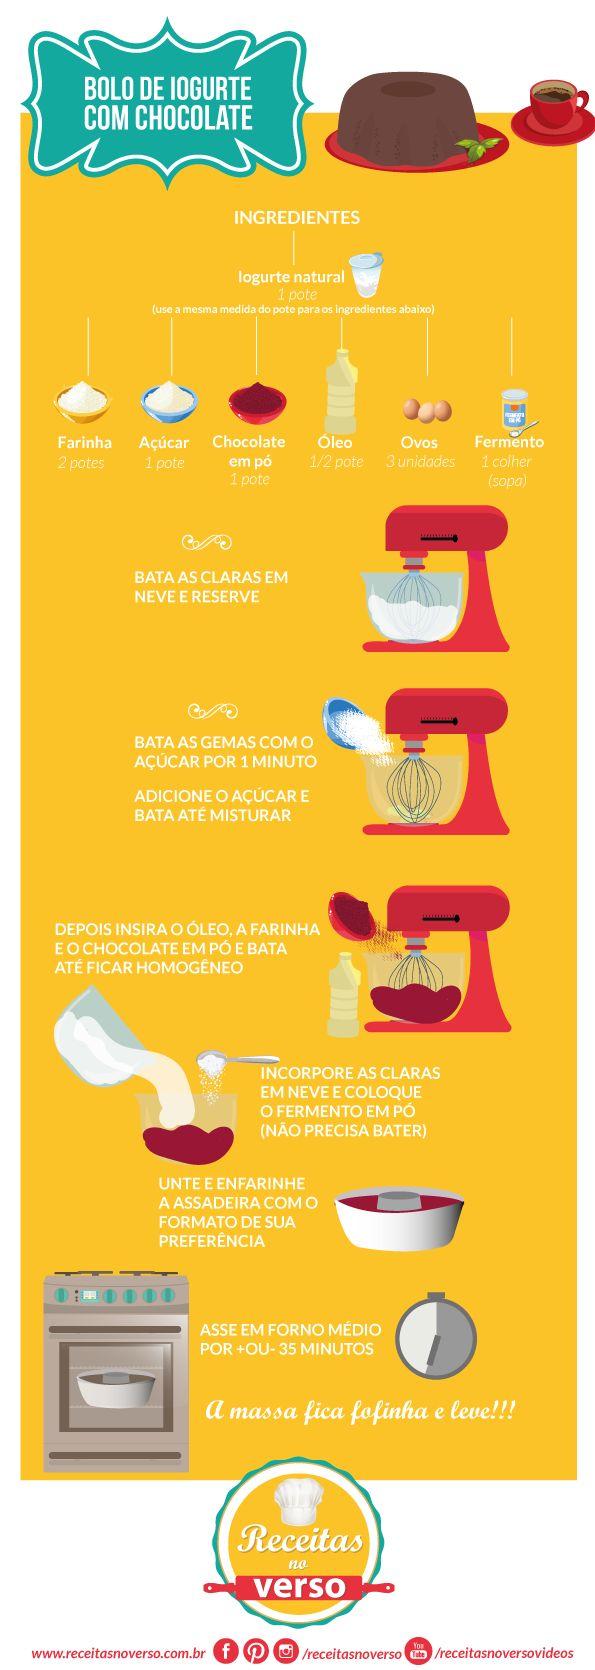 BOLO DE IOGURTE COM CHOCOLATE Mais